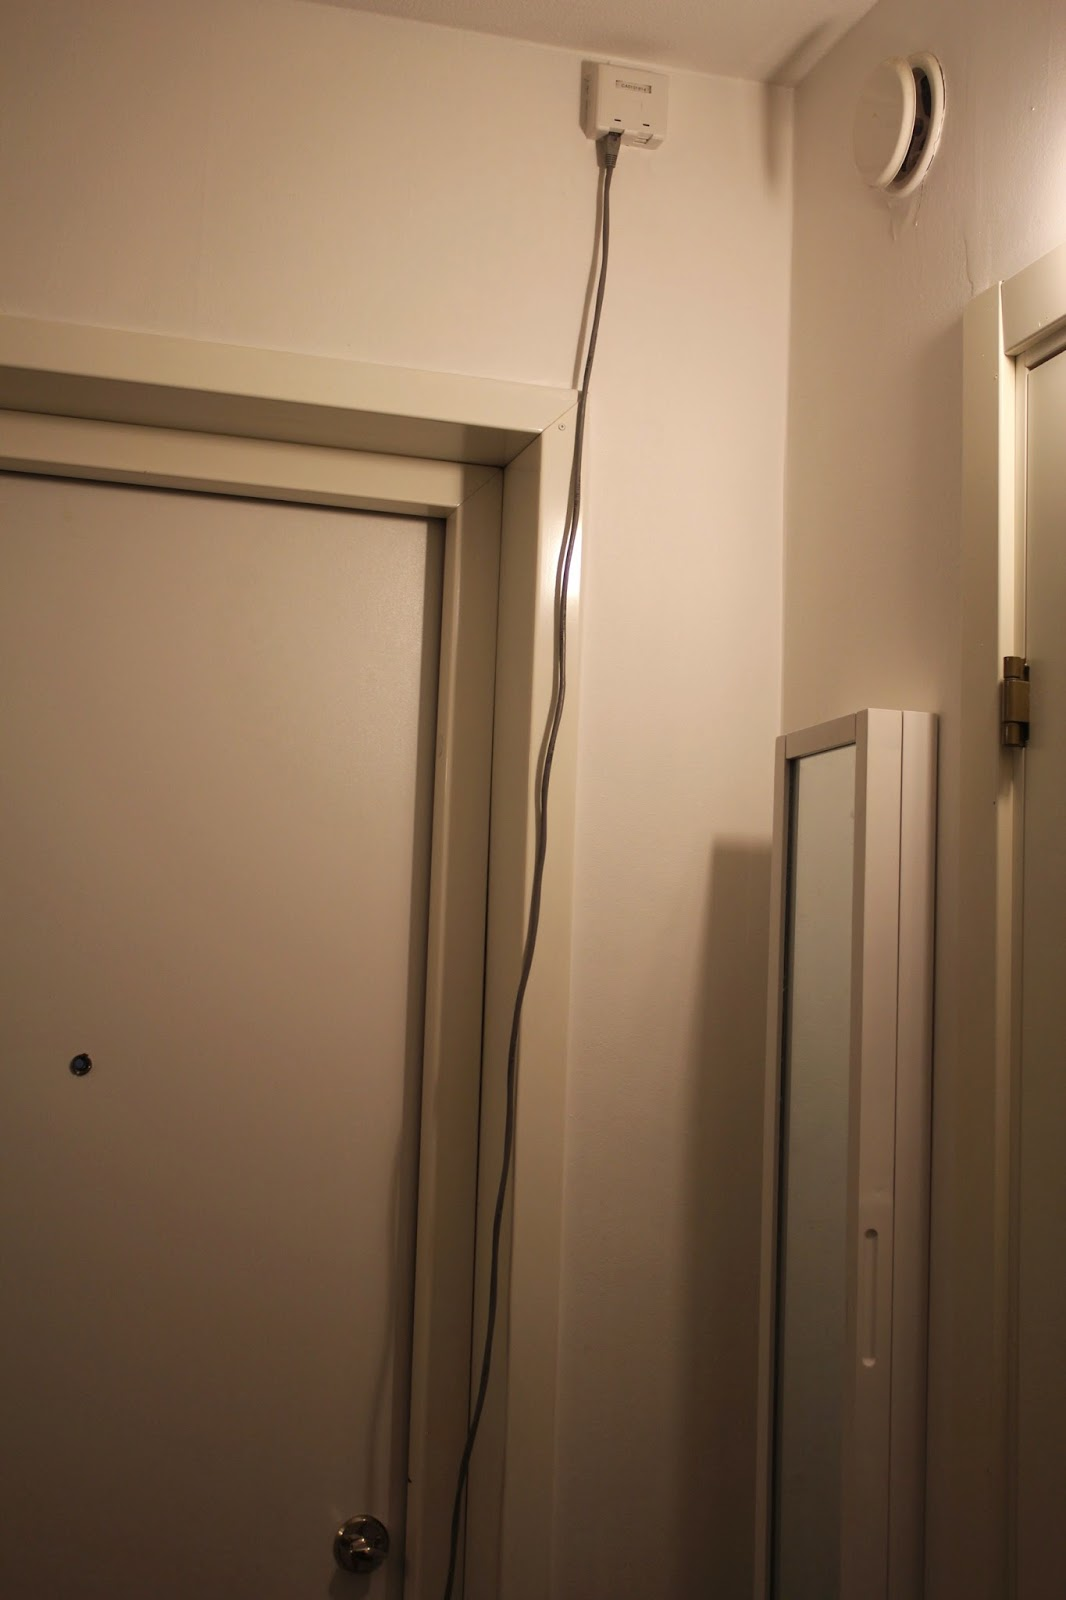 skaffa internet i lägenhet